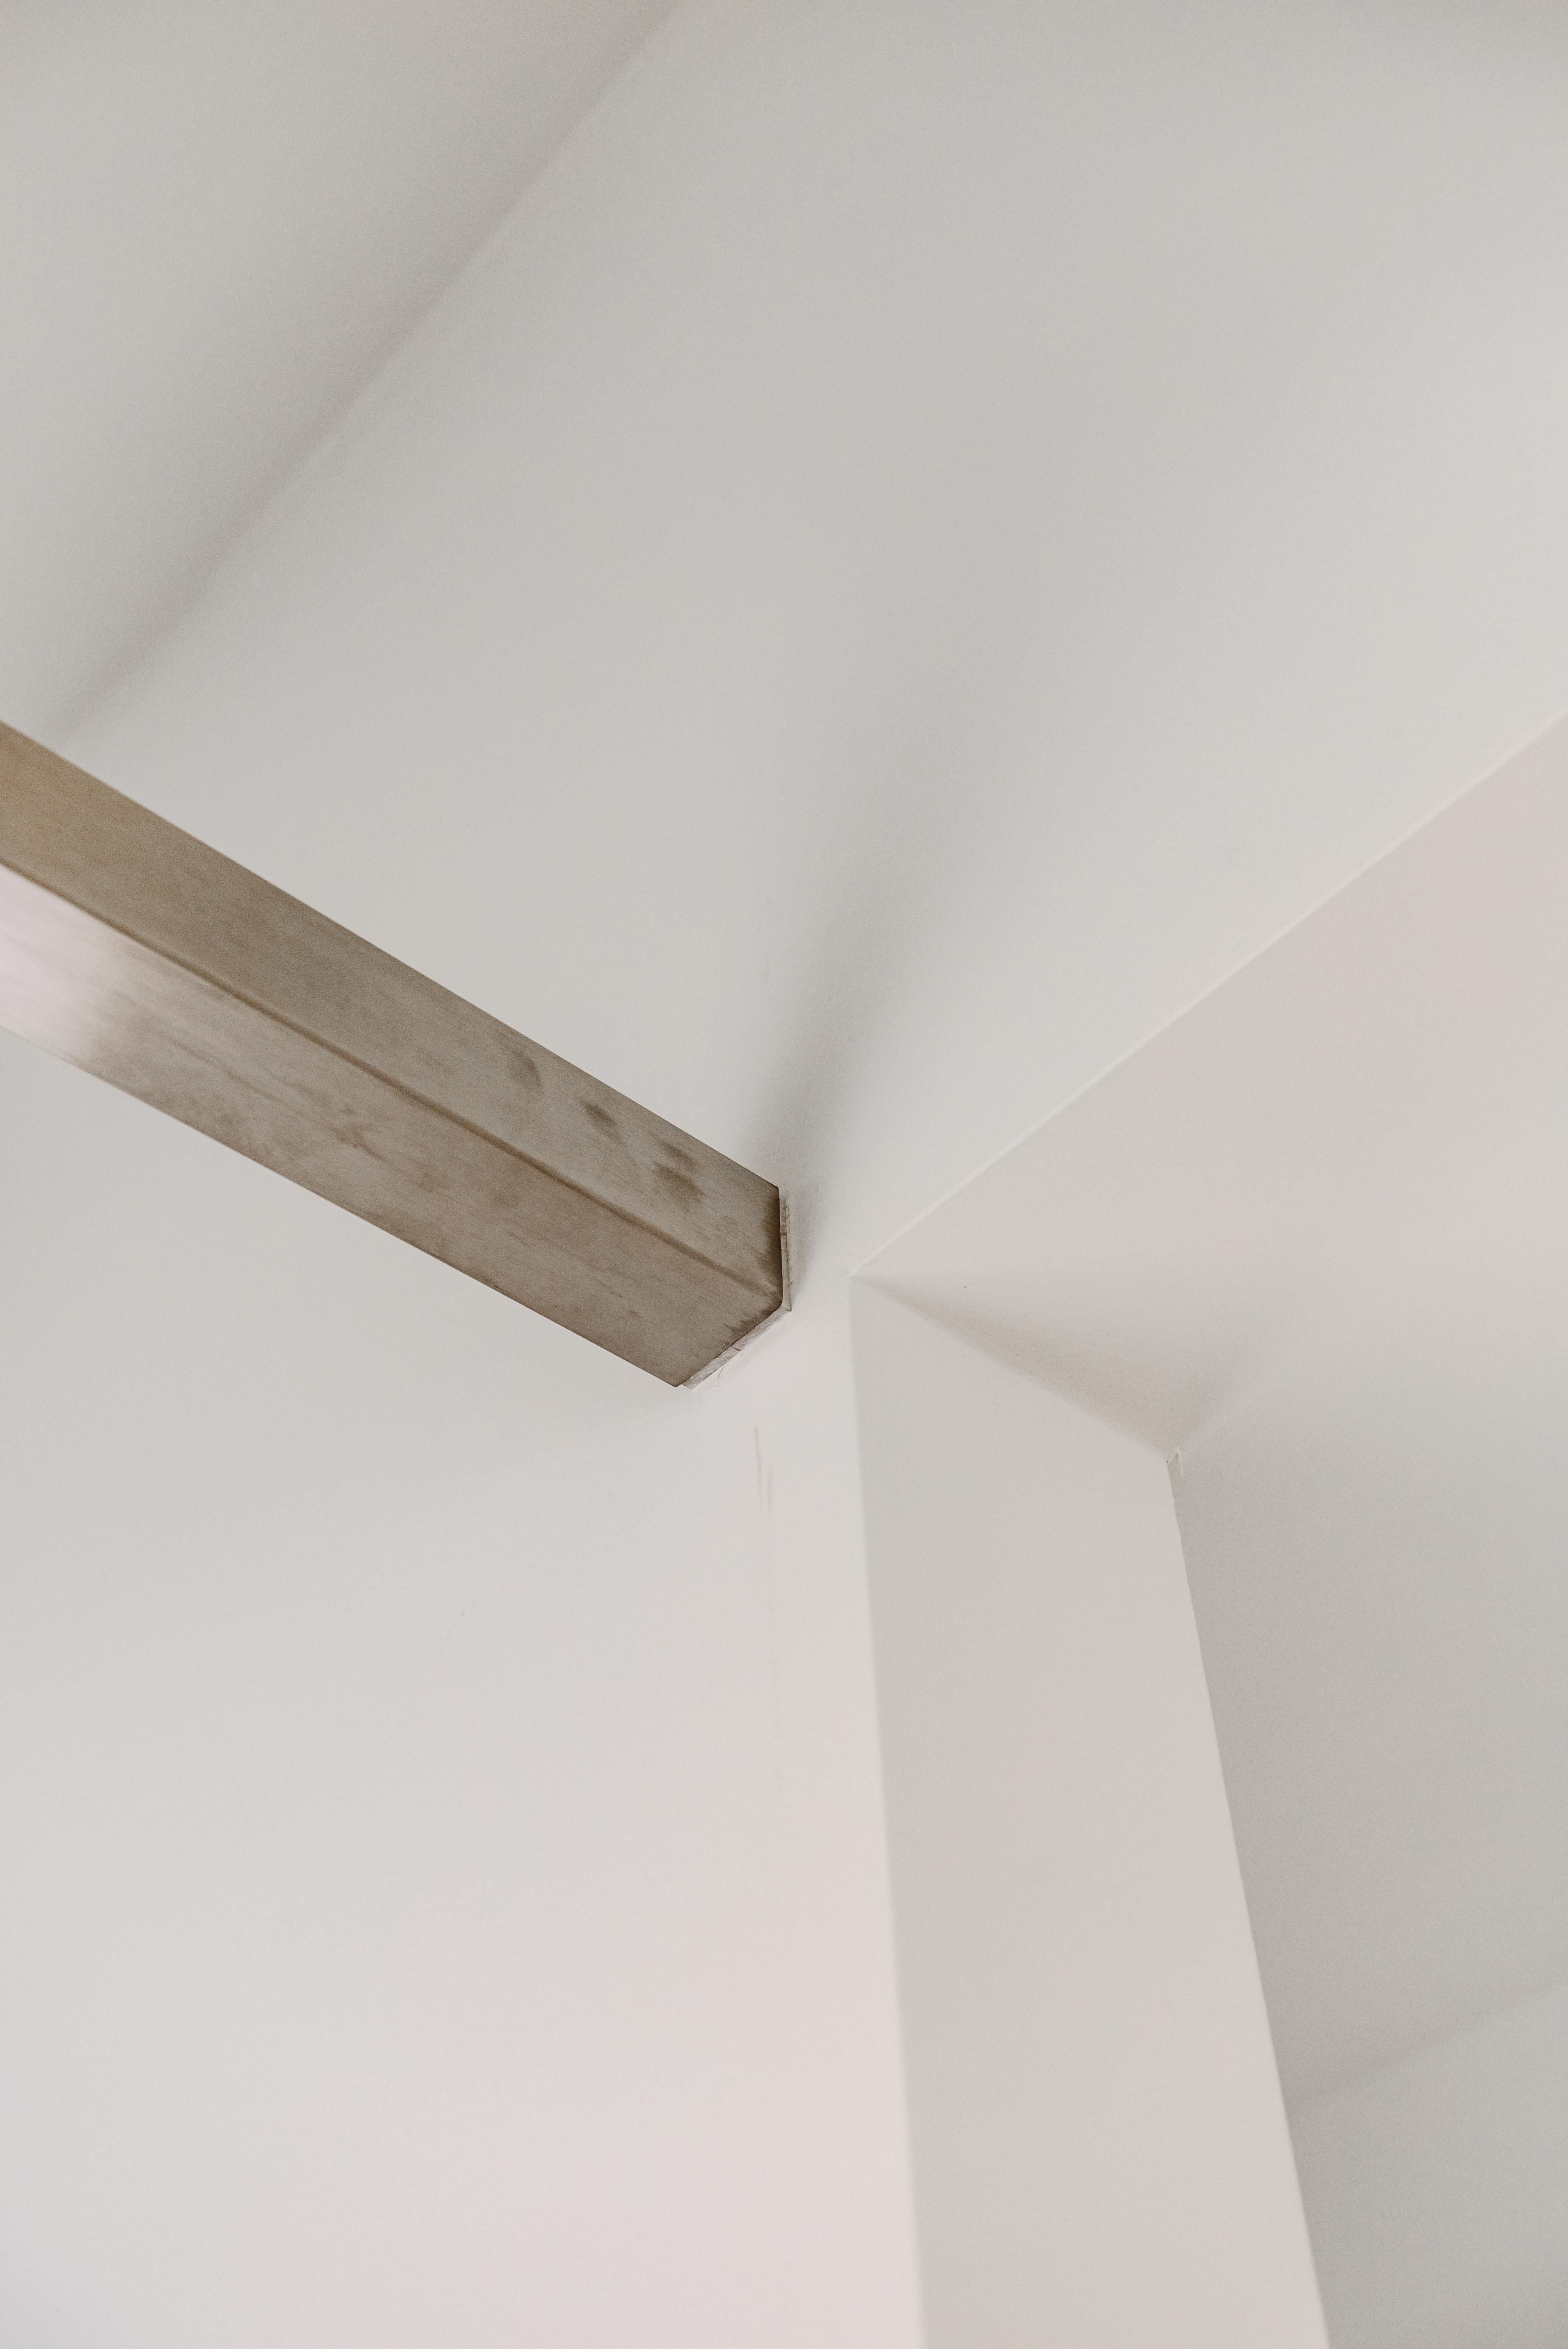 <p>Minimale detaillering draagconstructie taatsdeur</p>